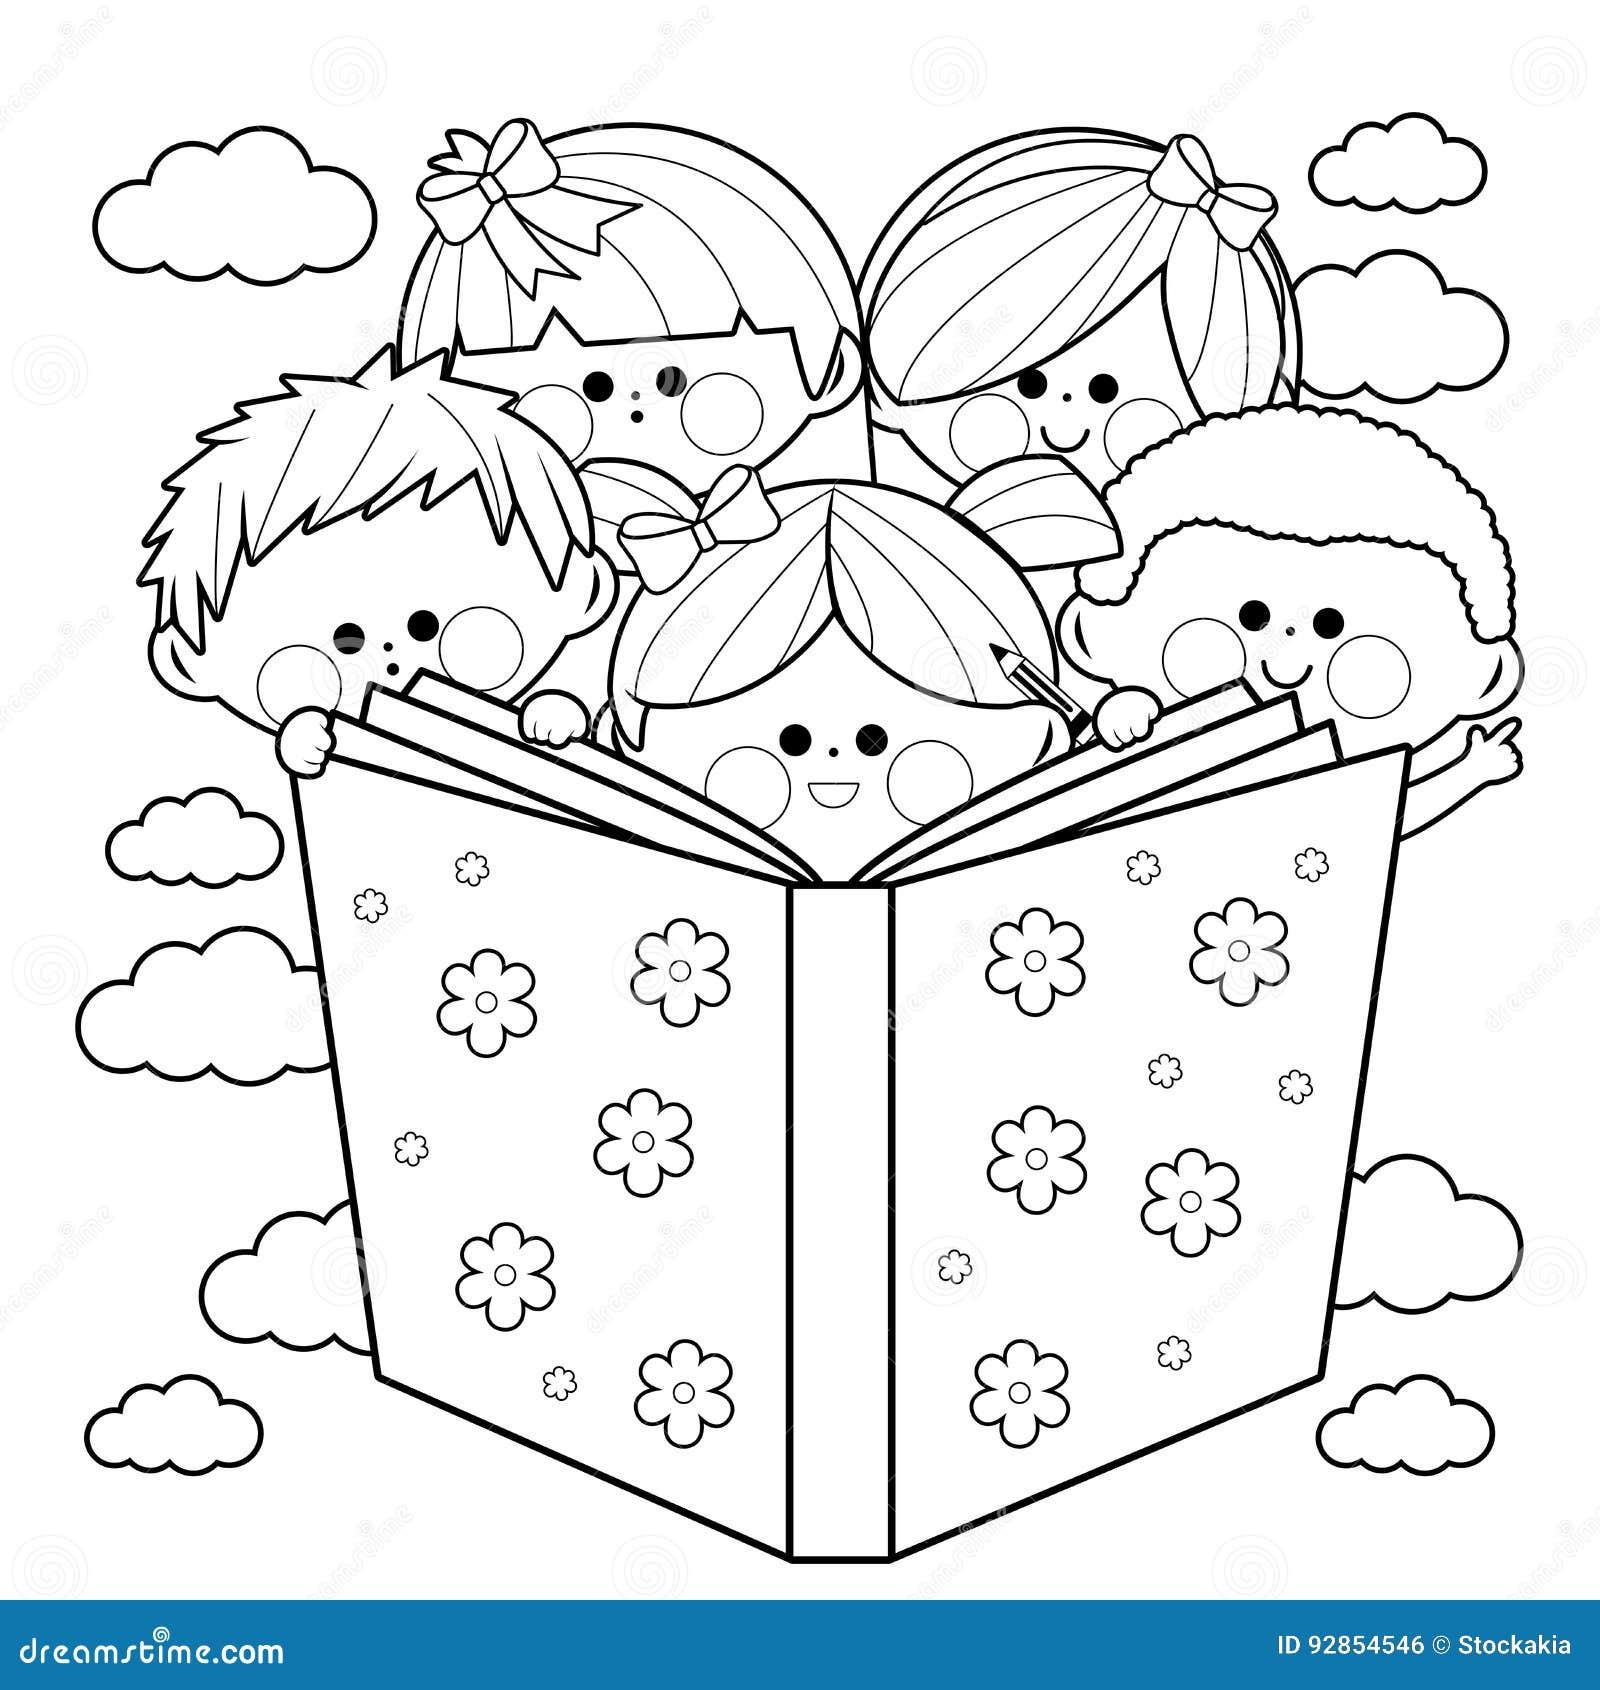 Groupe d 39 enfants lisant une page de livre de coloriage de livre illustration de vecteur - Dessin groupe d enfants ...